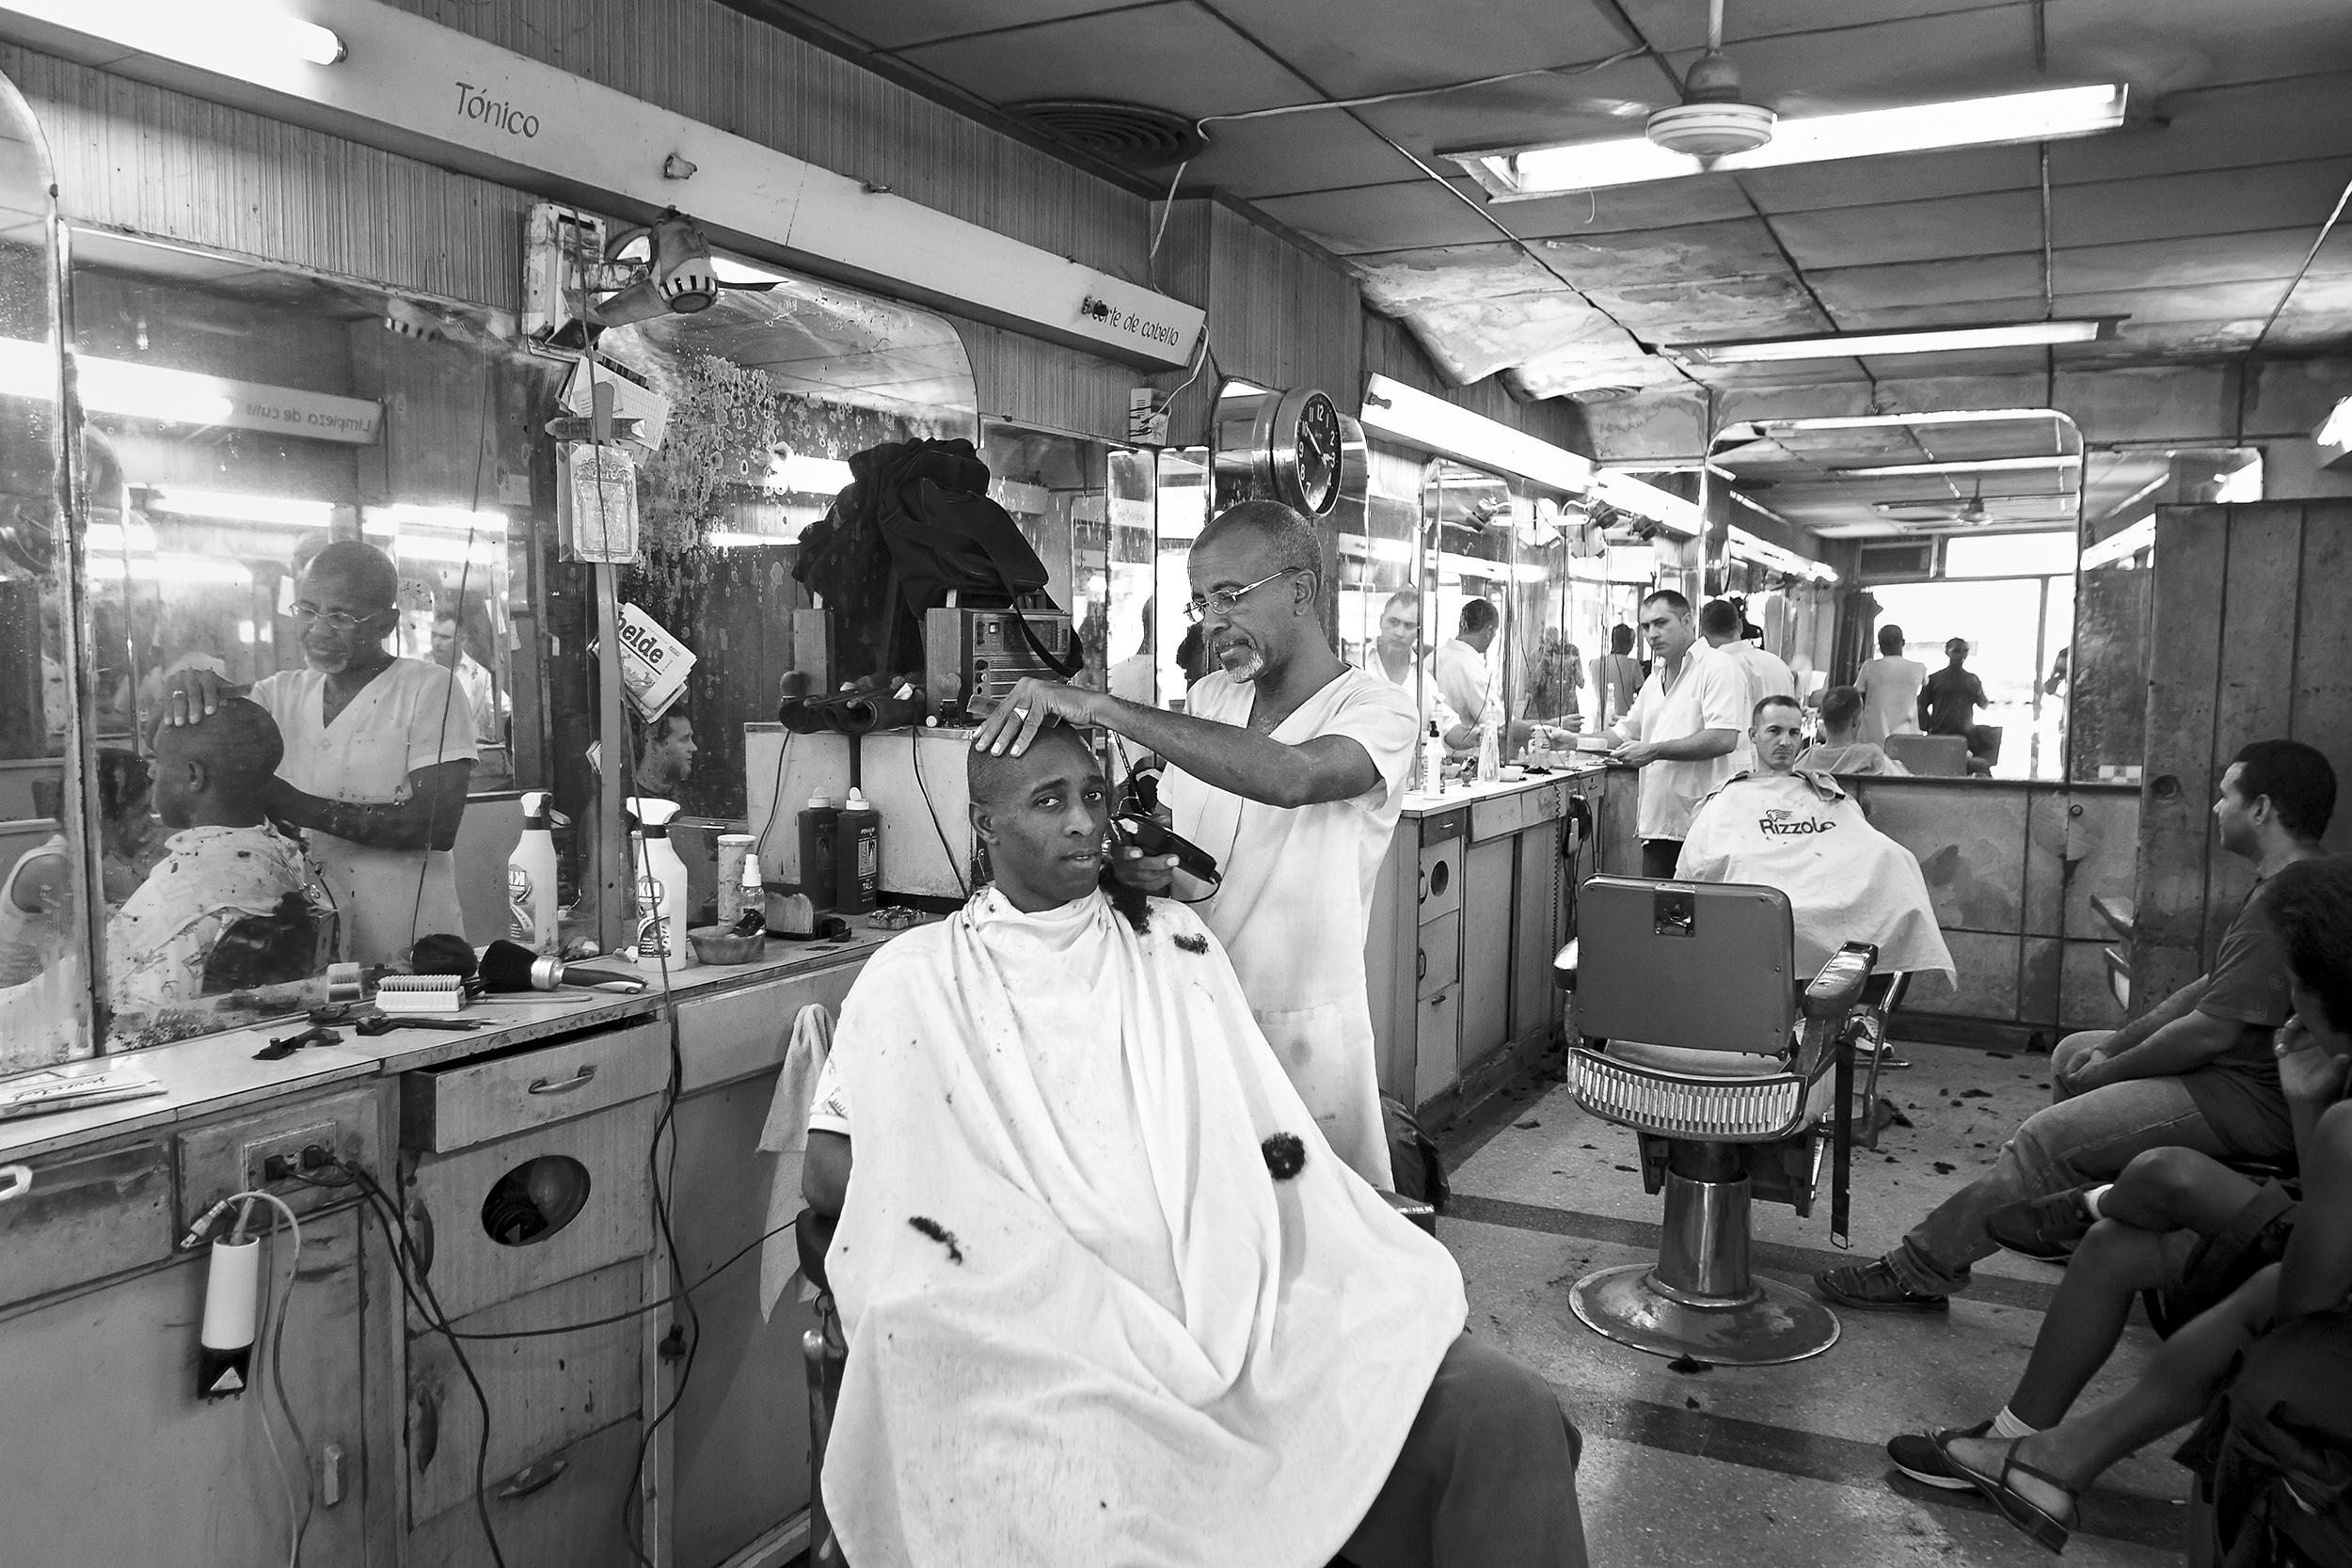 Haircutter - Havana, Cuba